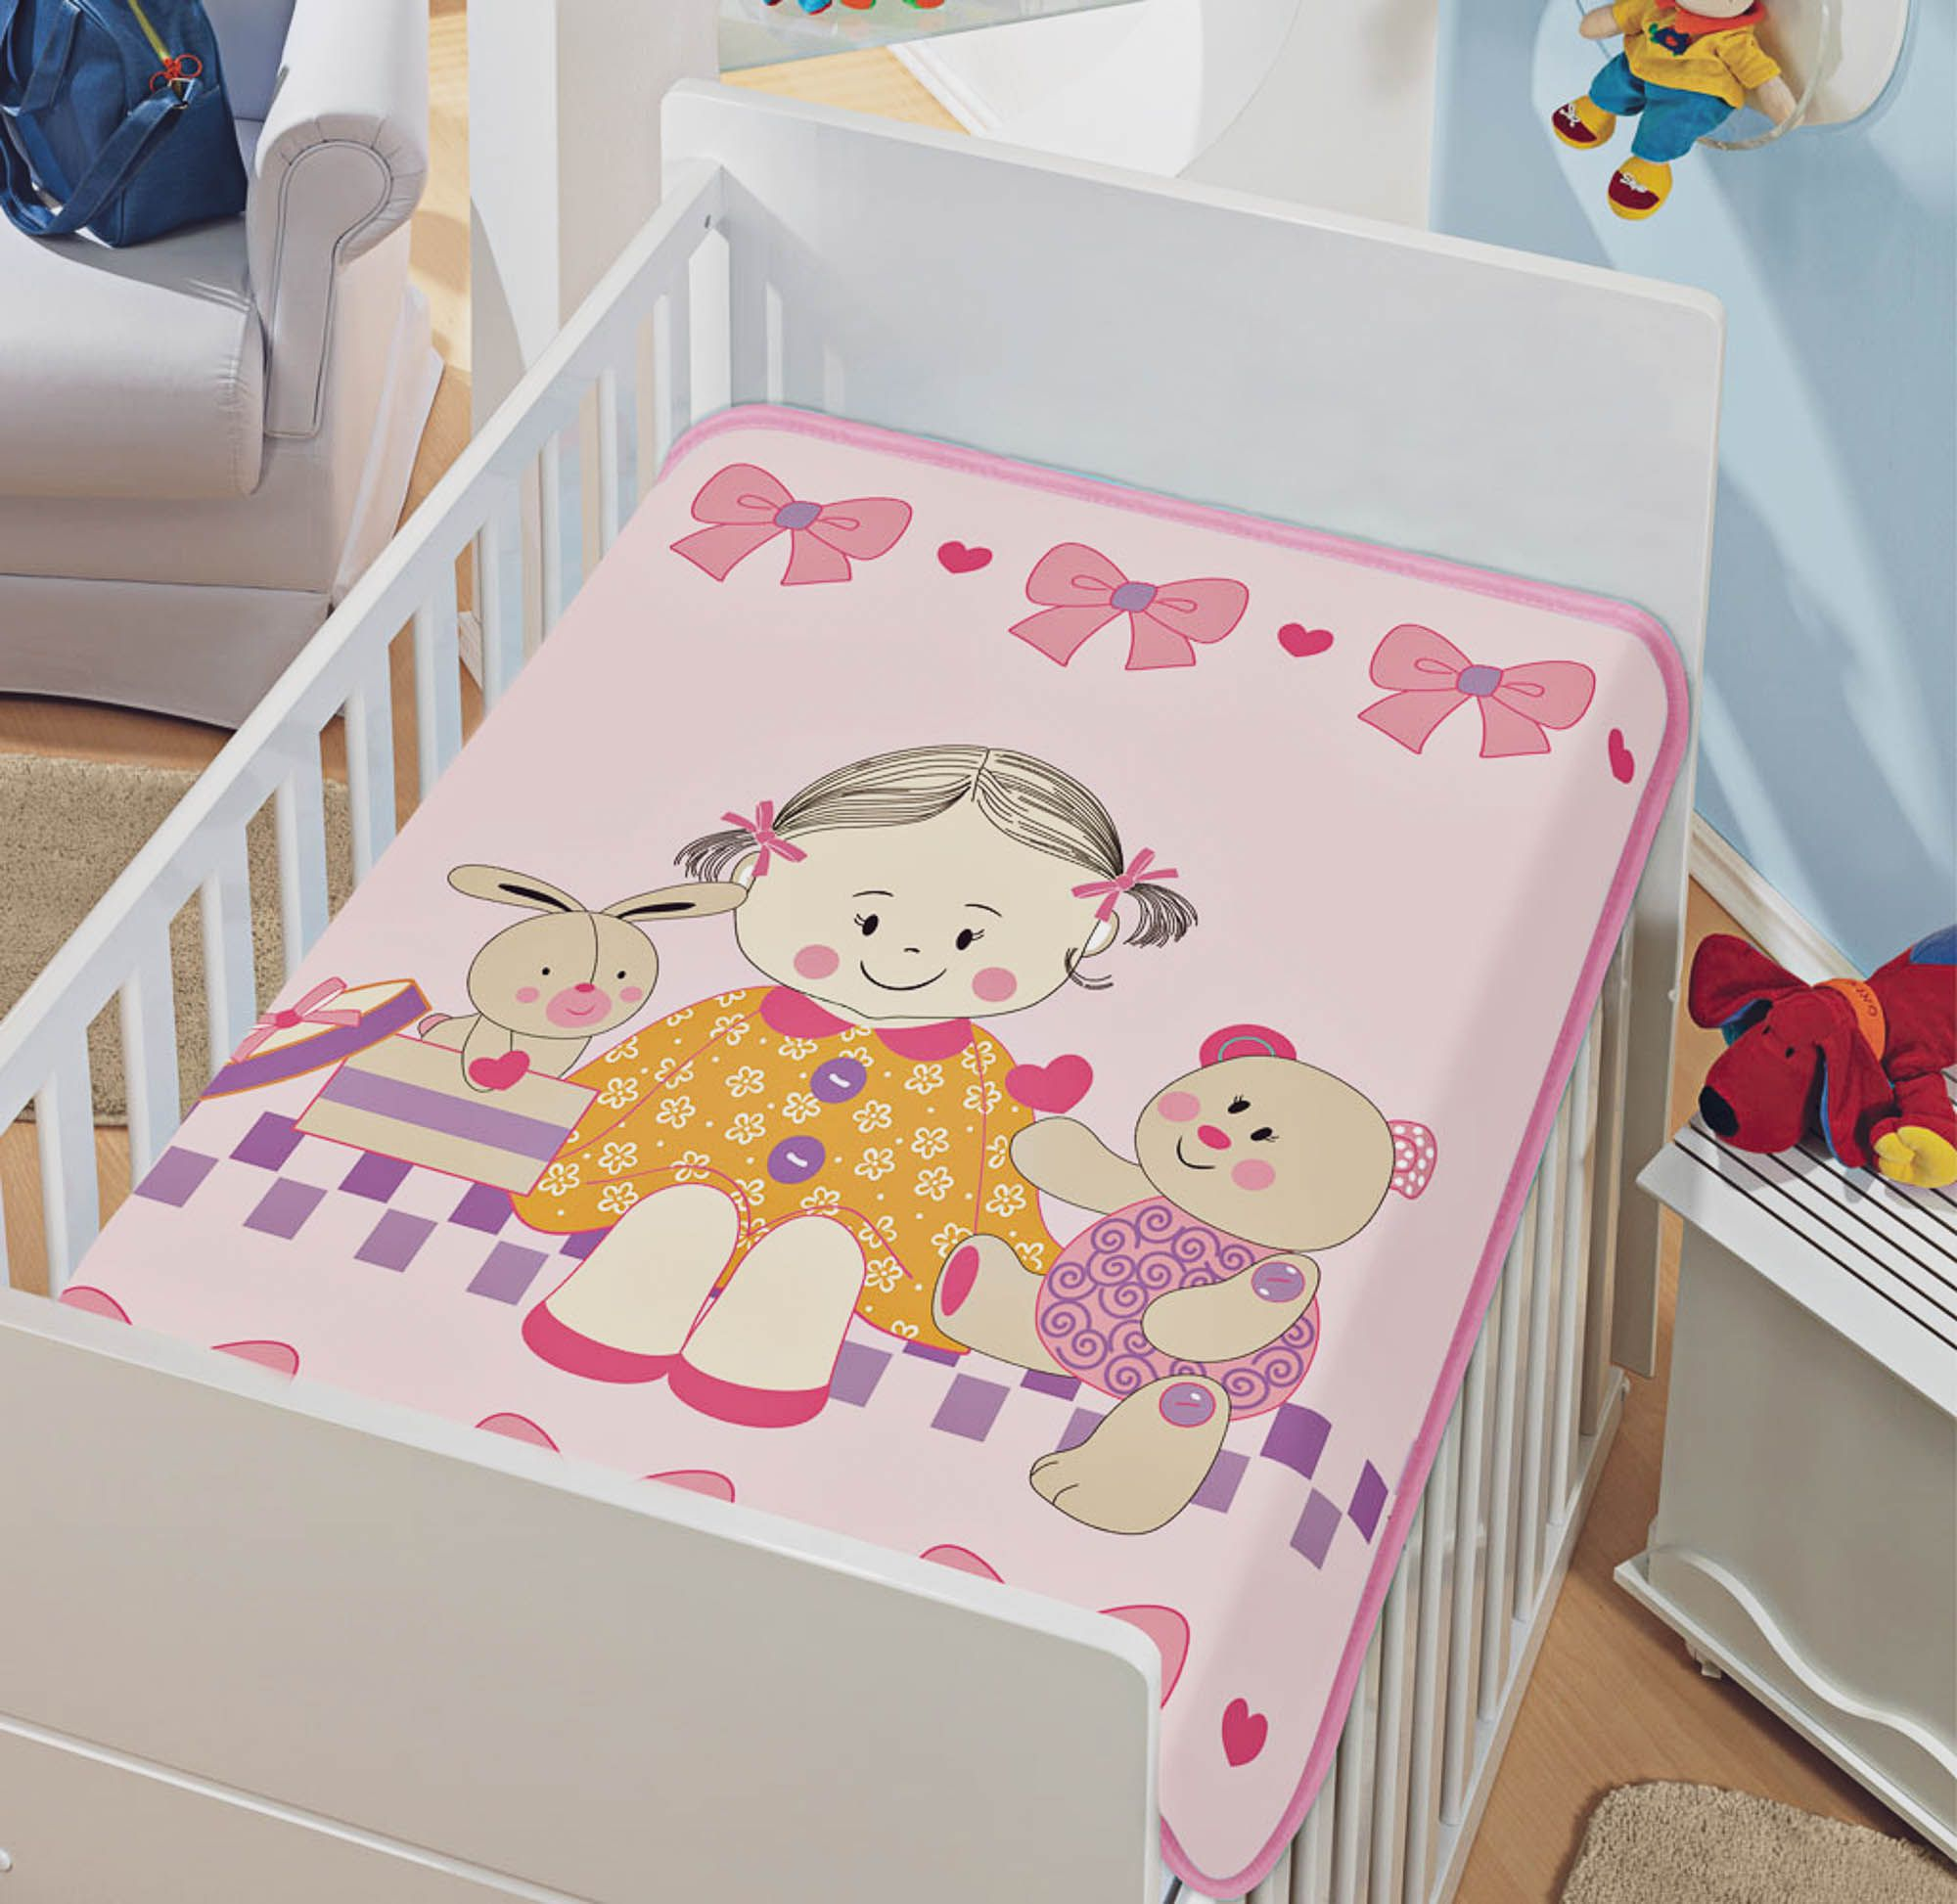 Cobertor Jolitex Raschel Infantil 0,90x1,10m Doce Amigas Rosa